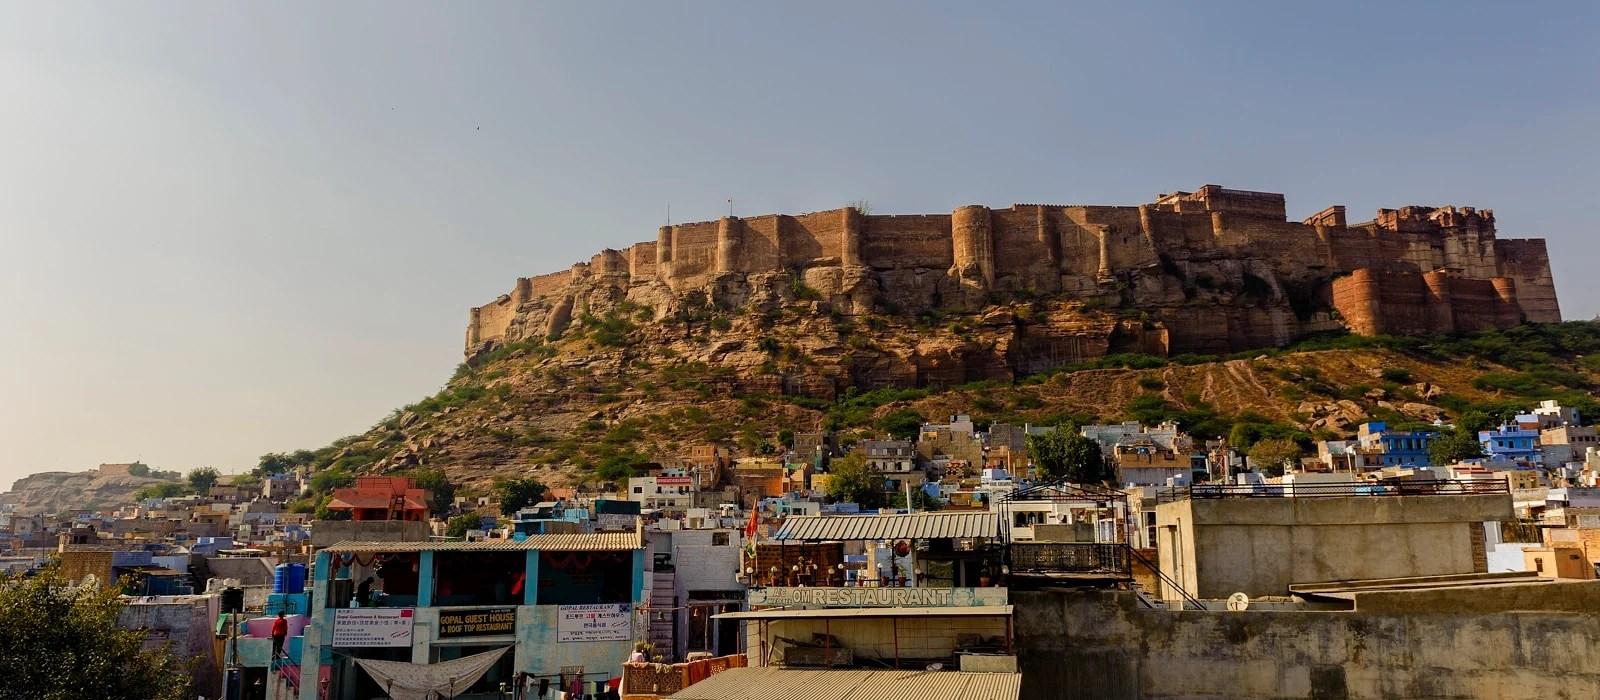 img-diapo-entete - Rajasthan-1600x700-7.jpg